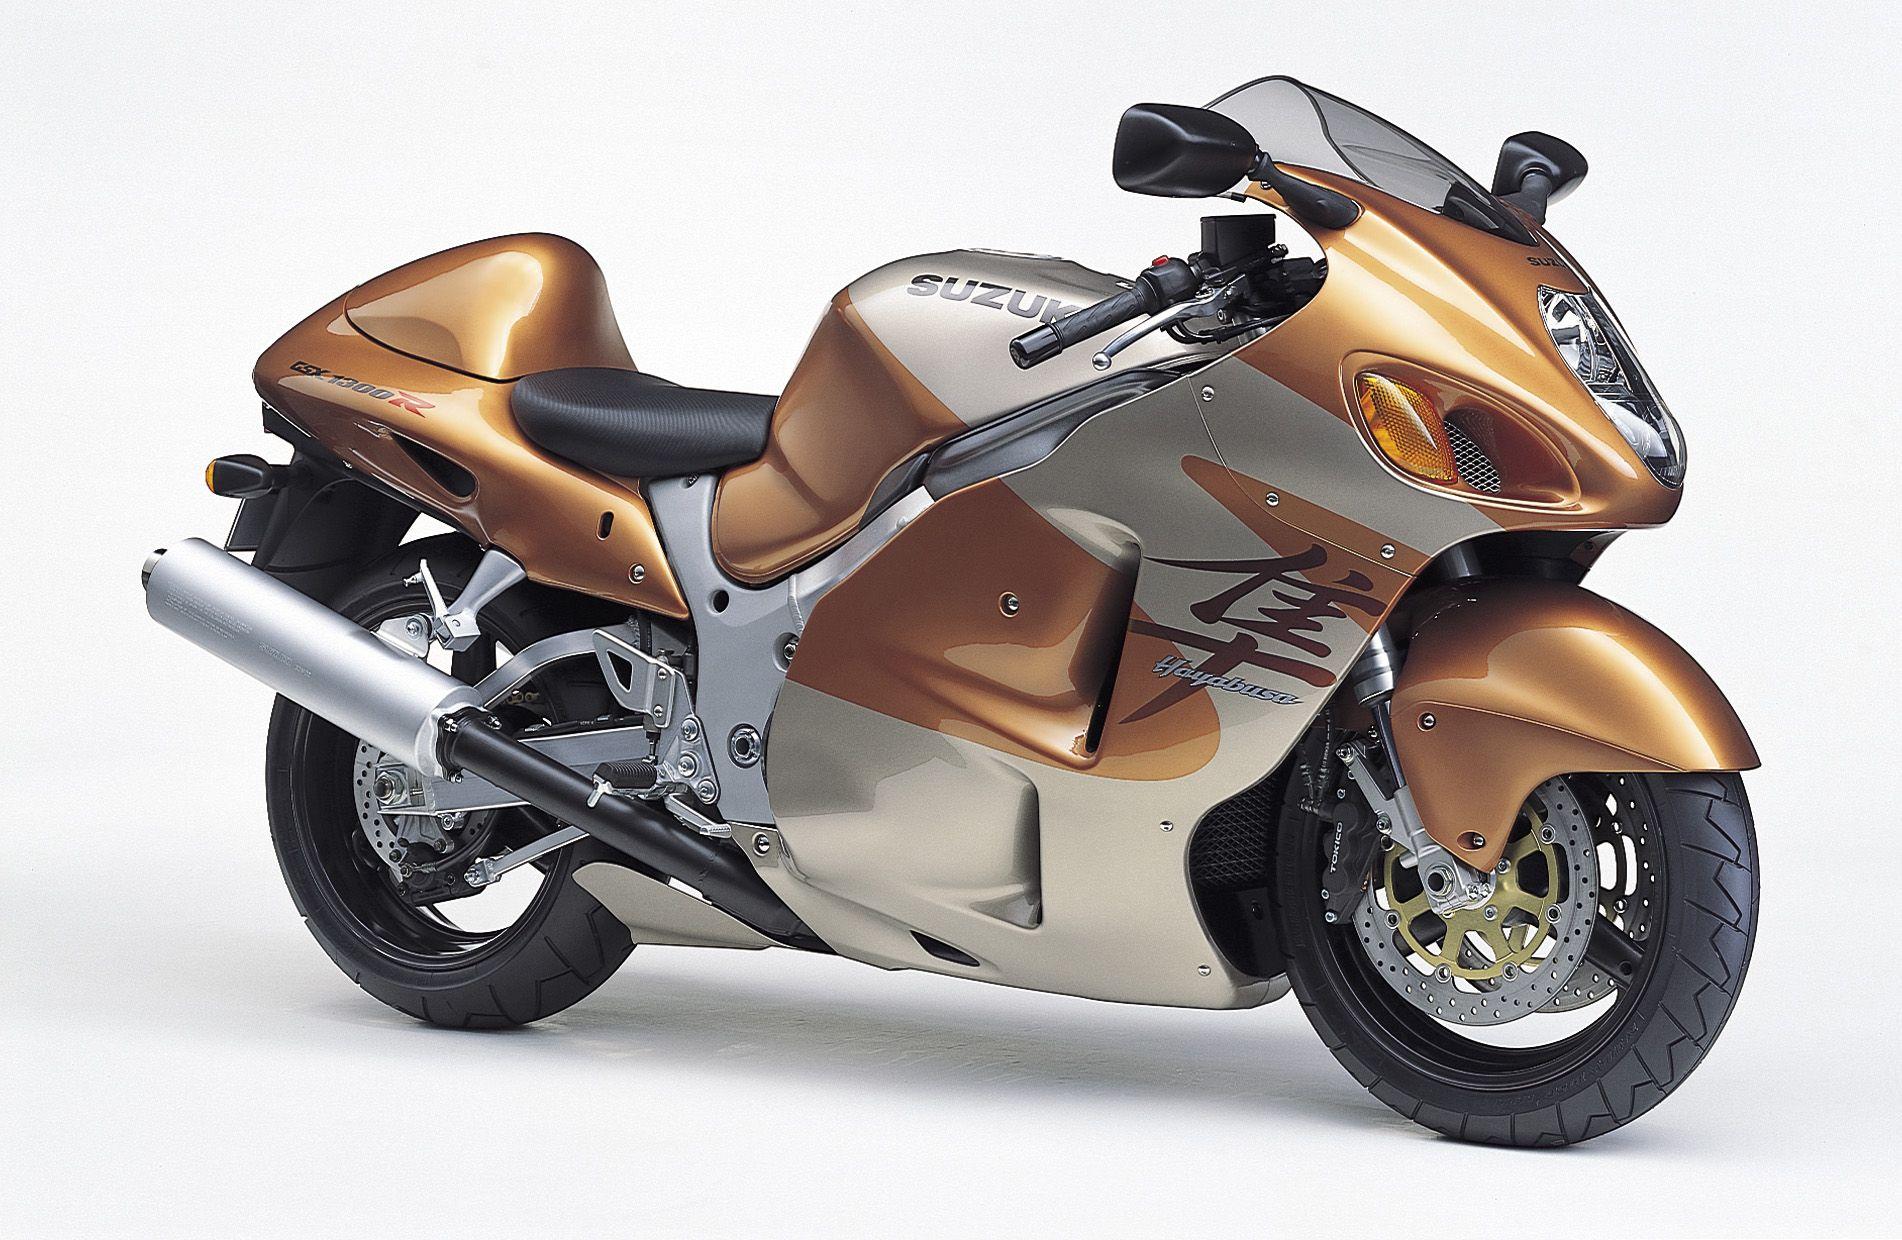 世界で一番速いバイクは?世界最速バイクを調べてみました!のサムネイル画像